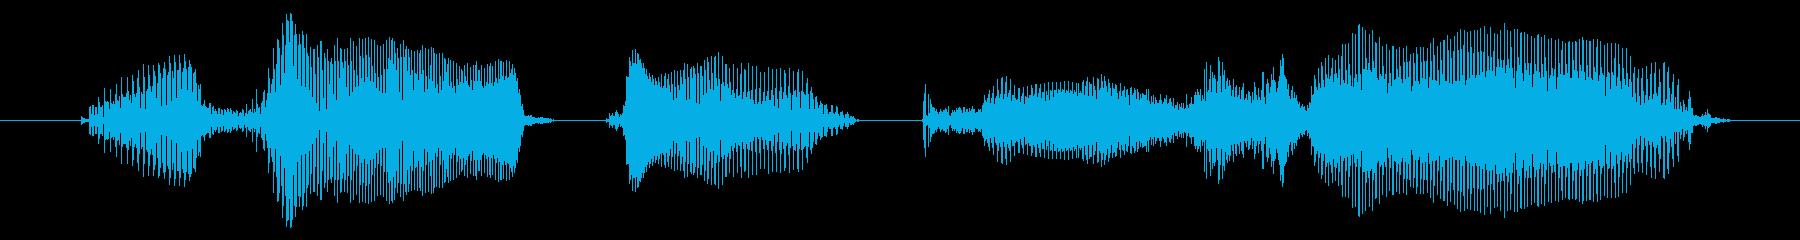 覚えておきましょうの再生済みの波形